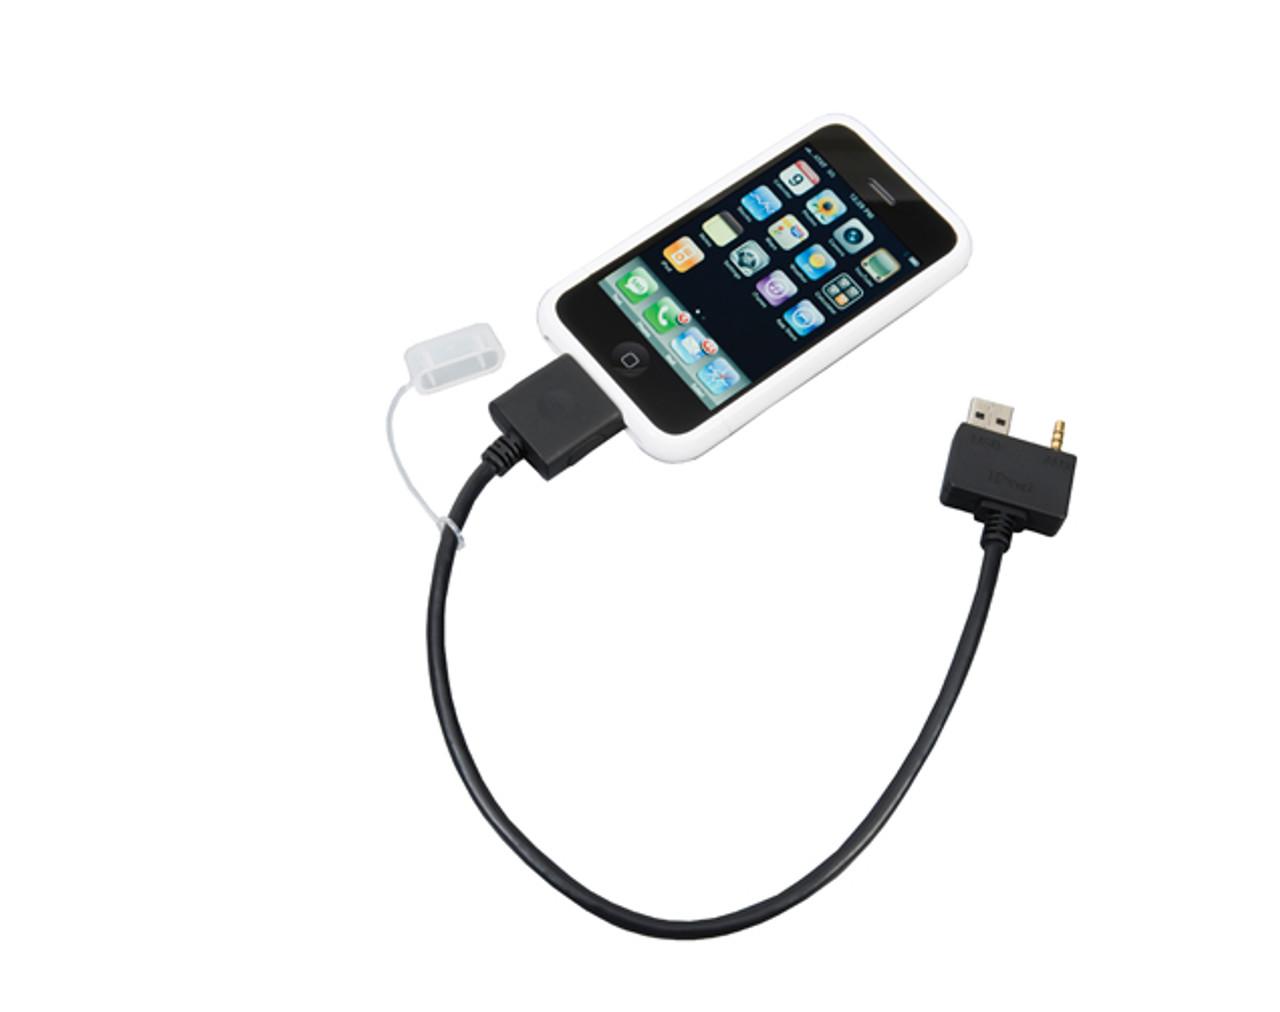 Hyundai iPod Cable